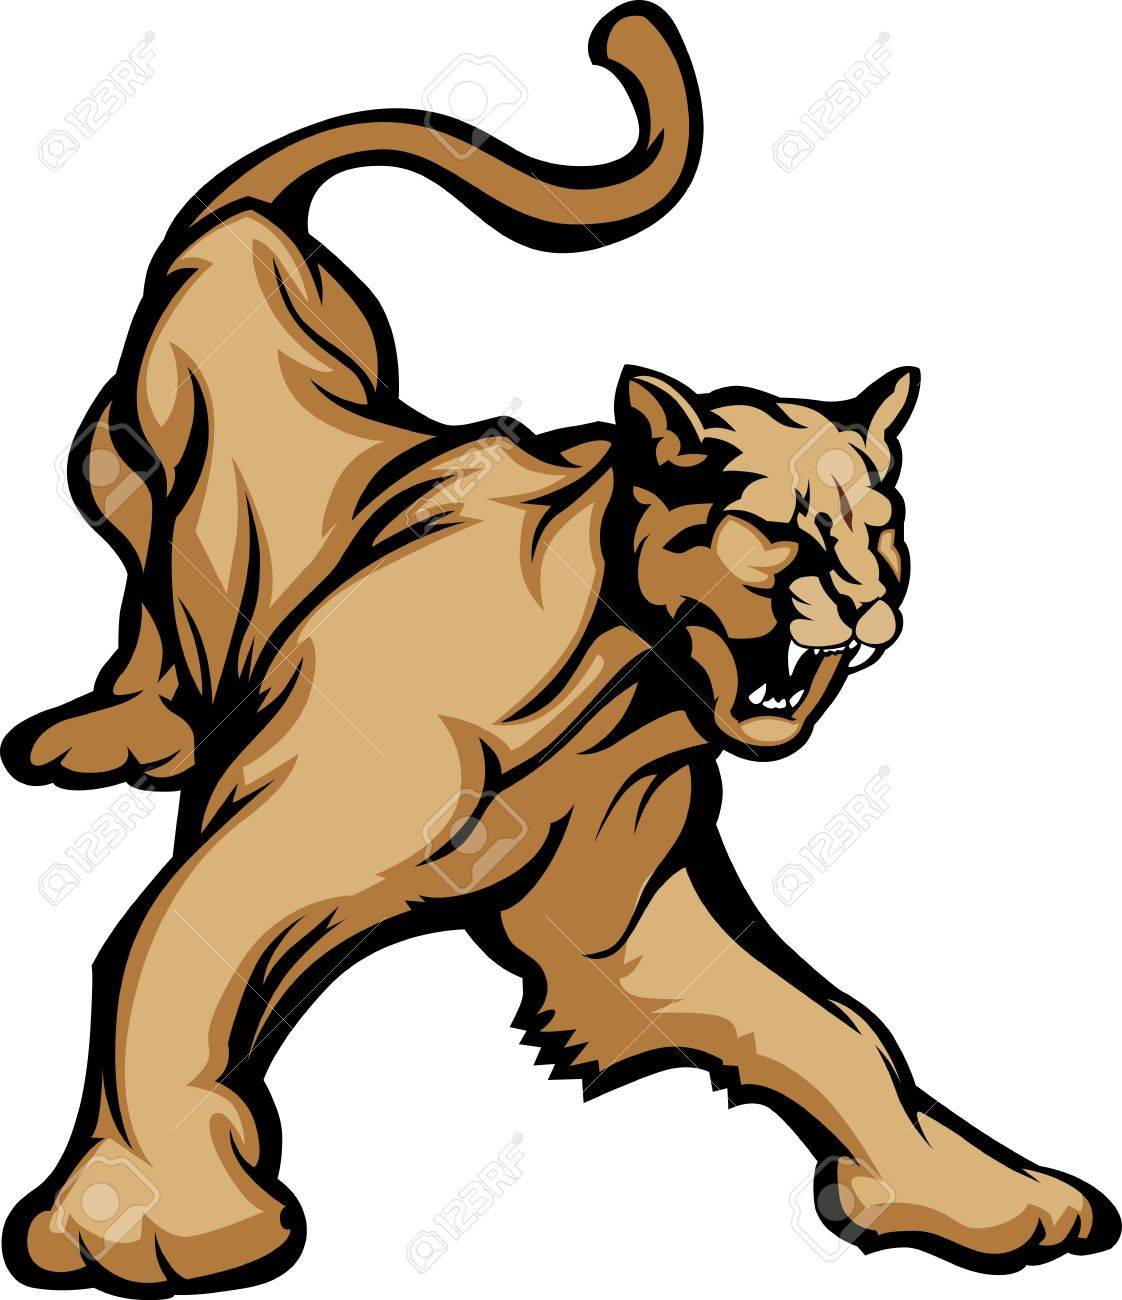 Cougar Mascot Body Stock Vector - 10457688